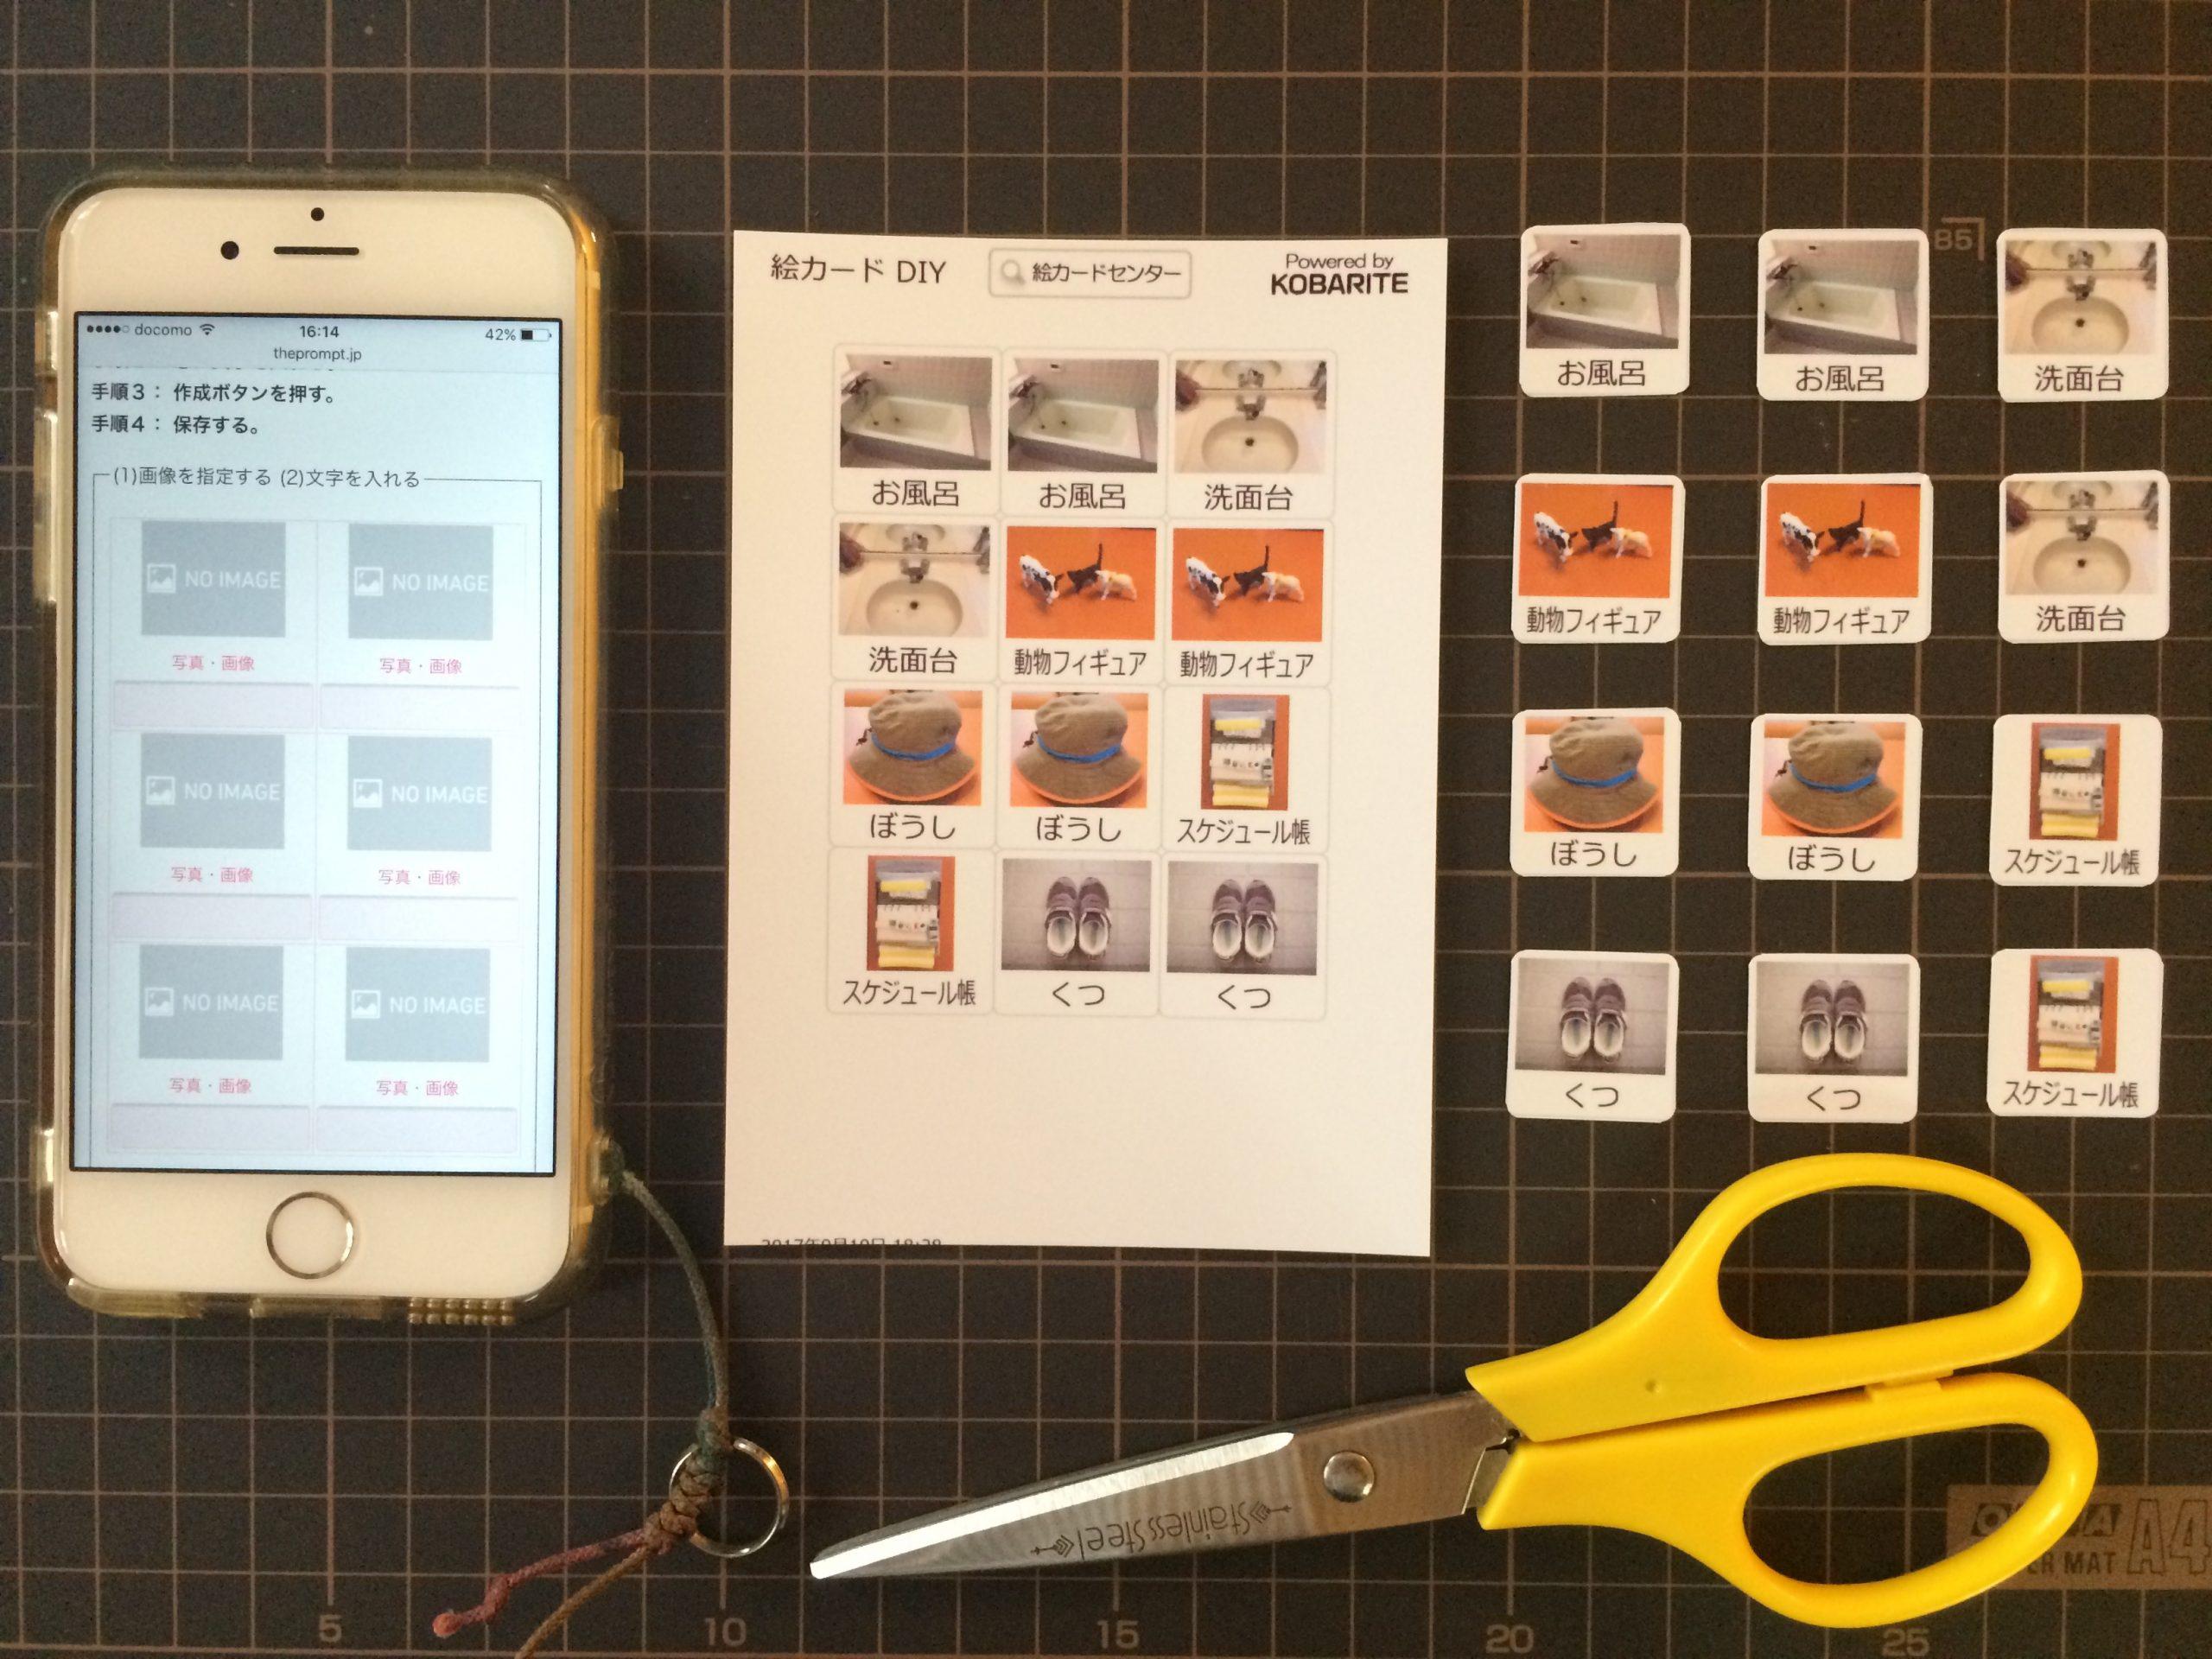 手元画像からミニ絵カードを作る